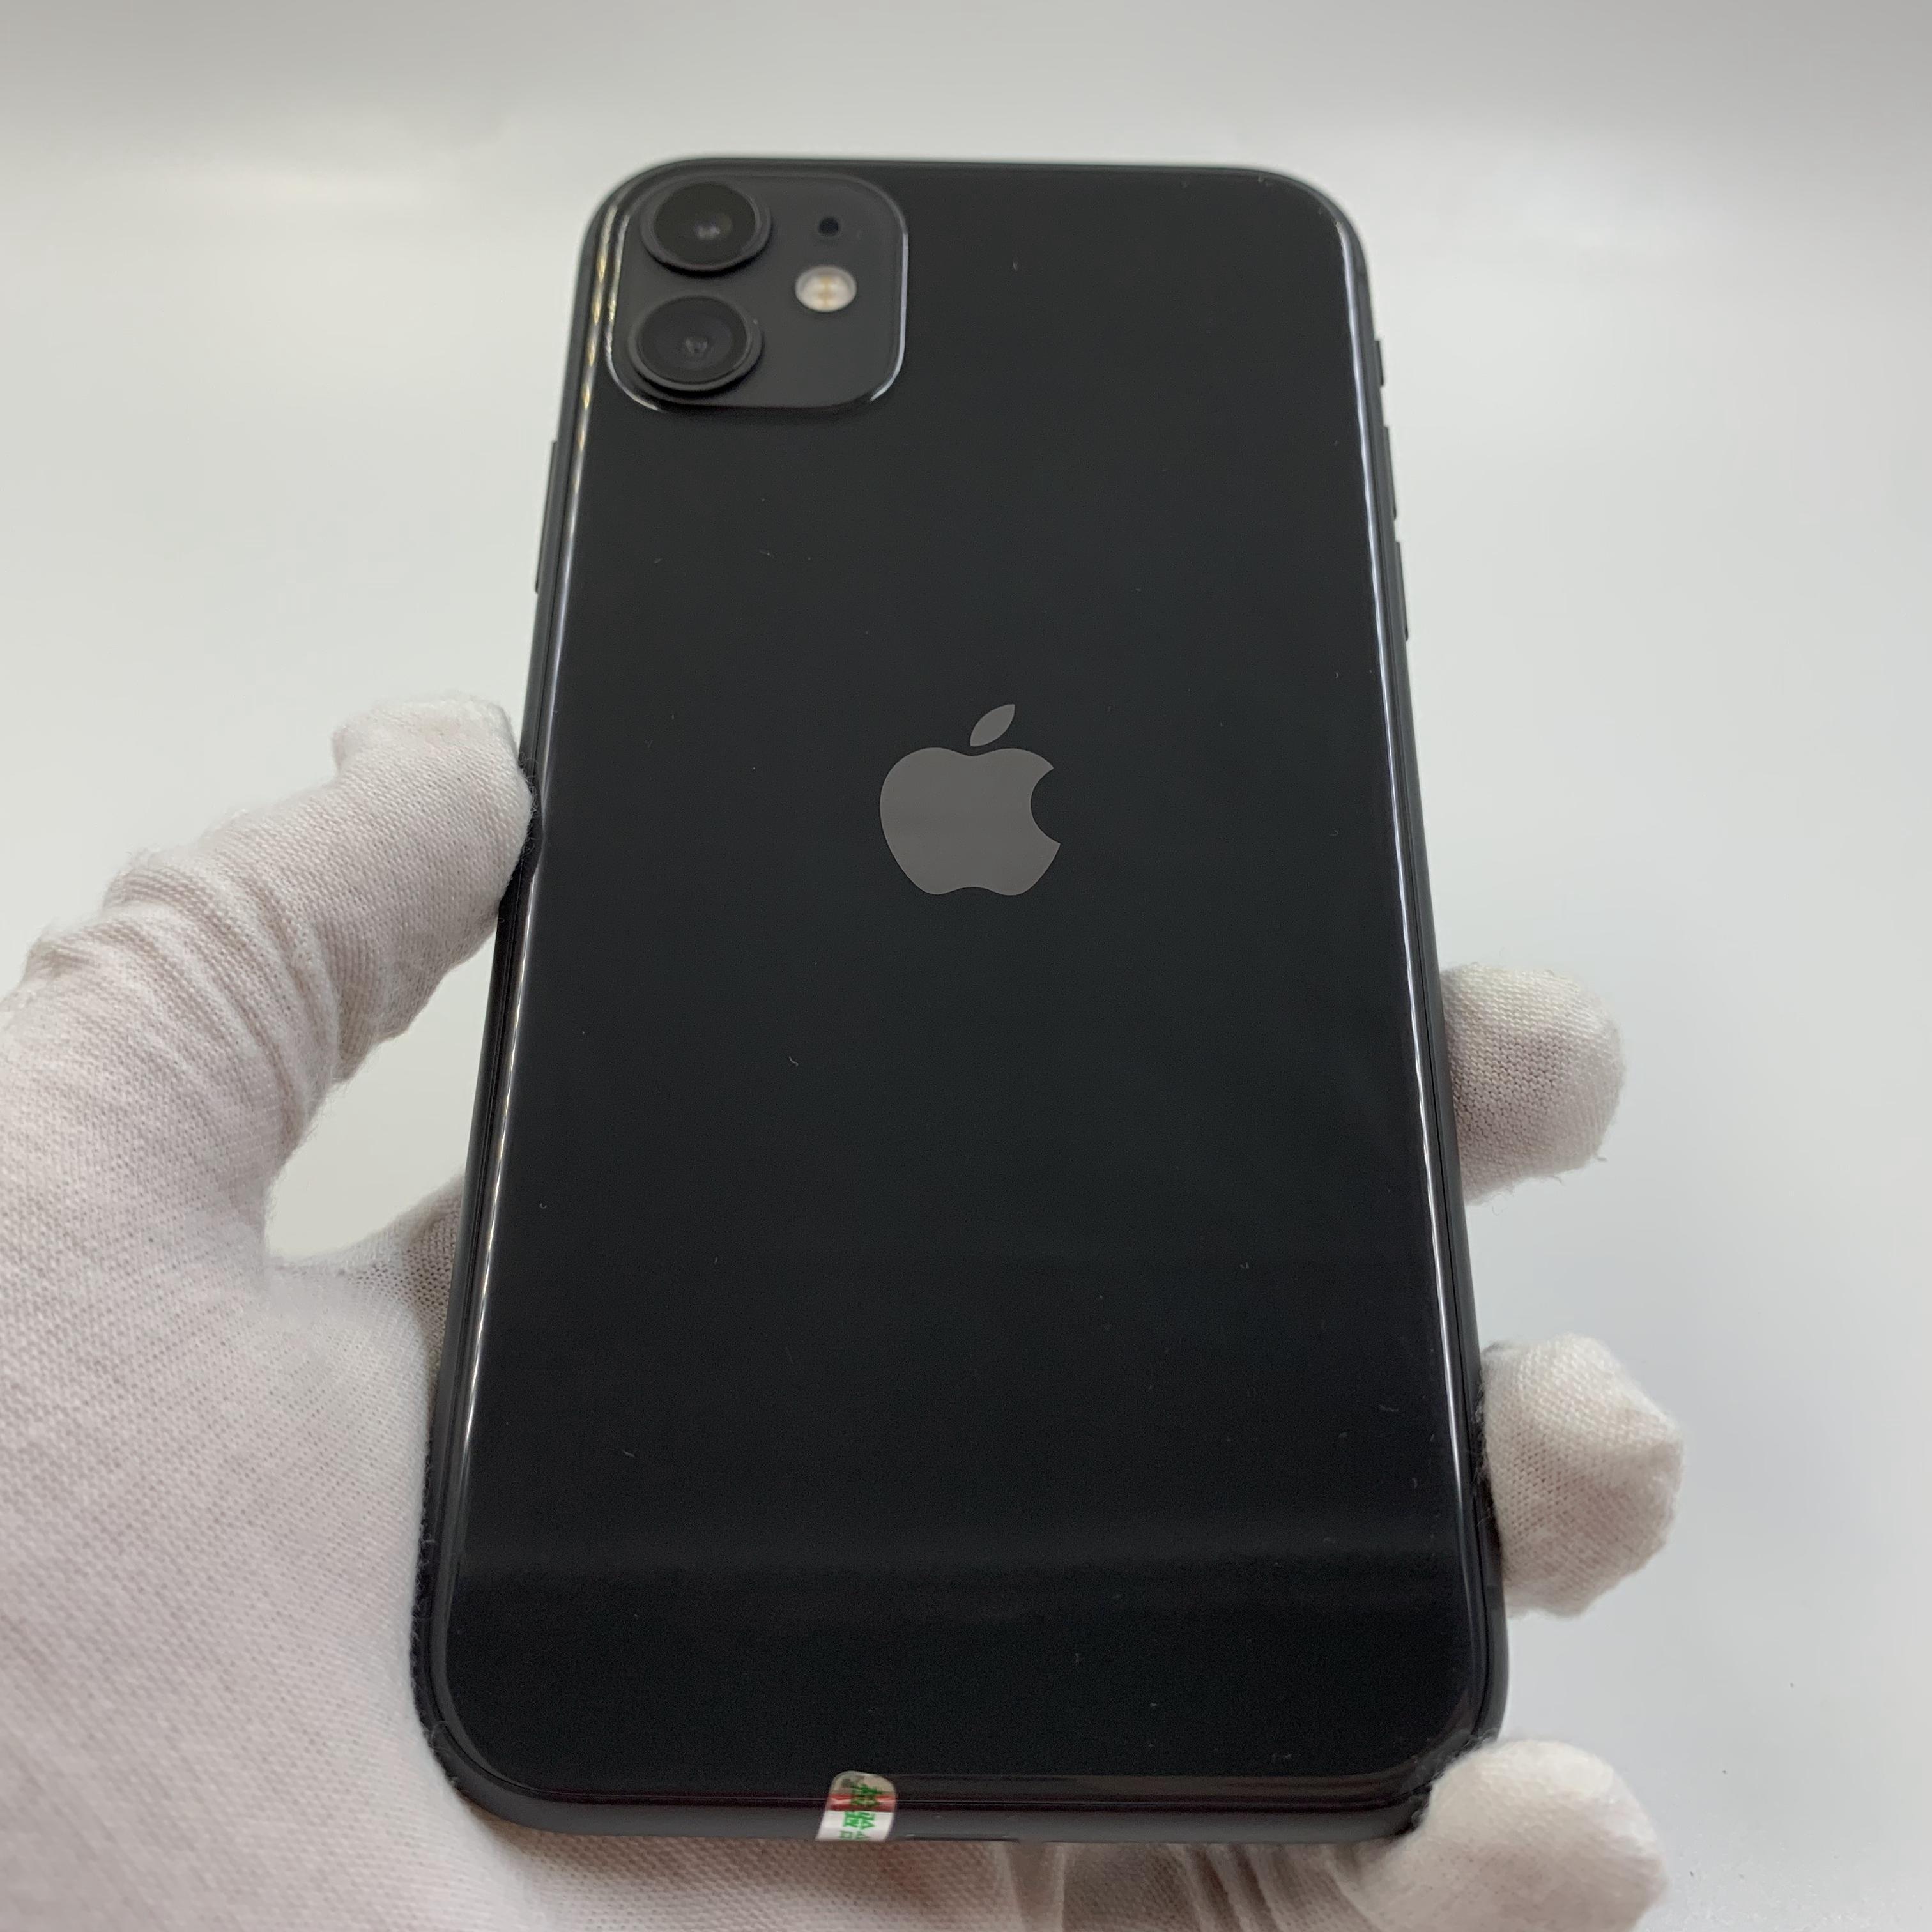 苹果【iPhone 11】4G全网通 黑色 128G 国行 95新 真机实拍